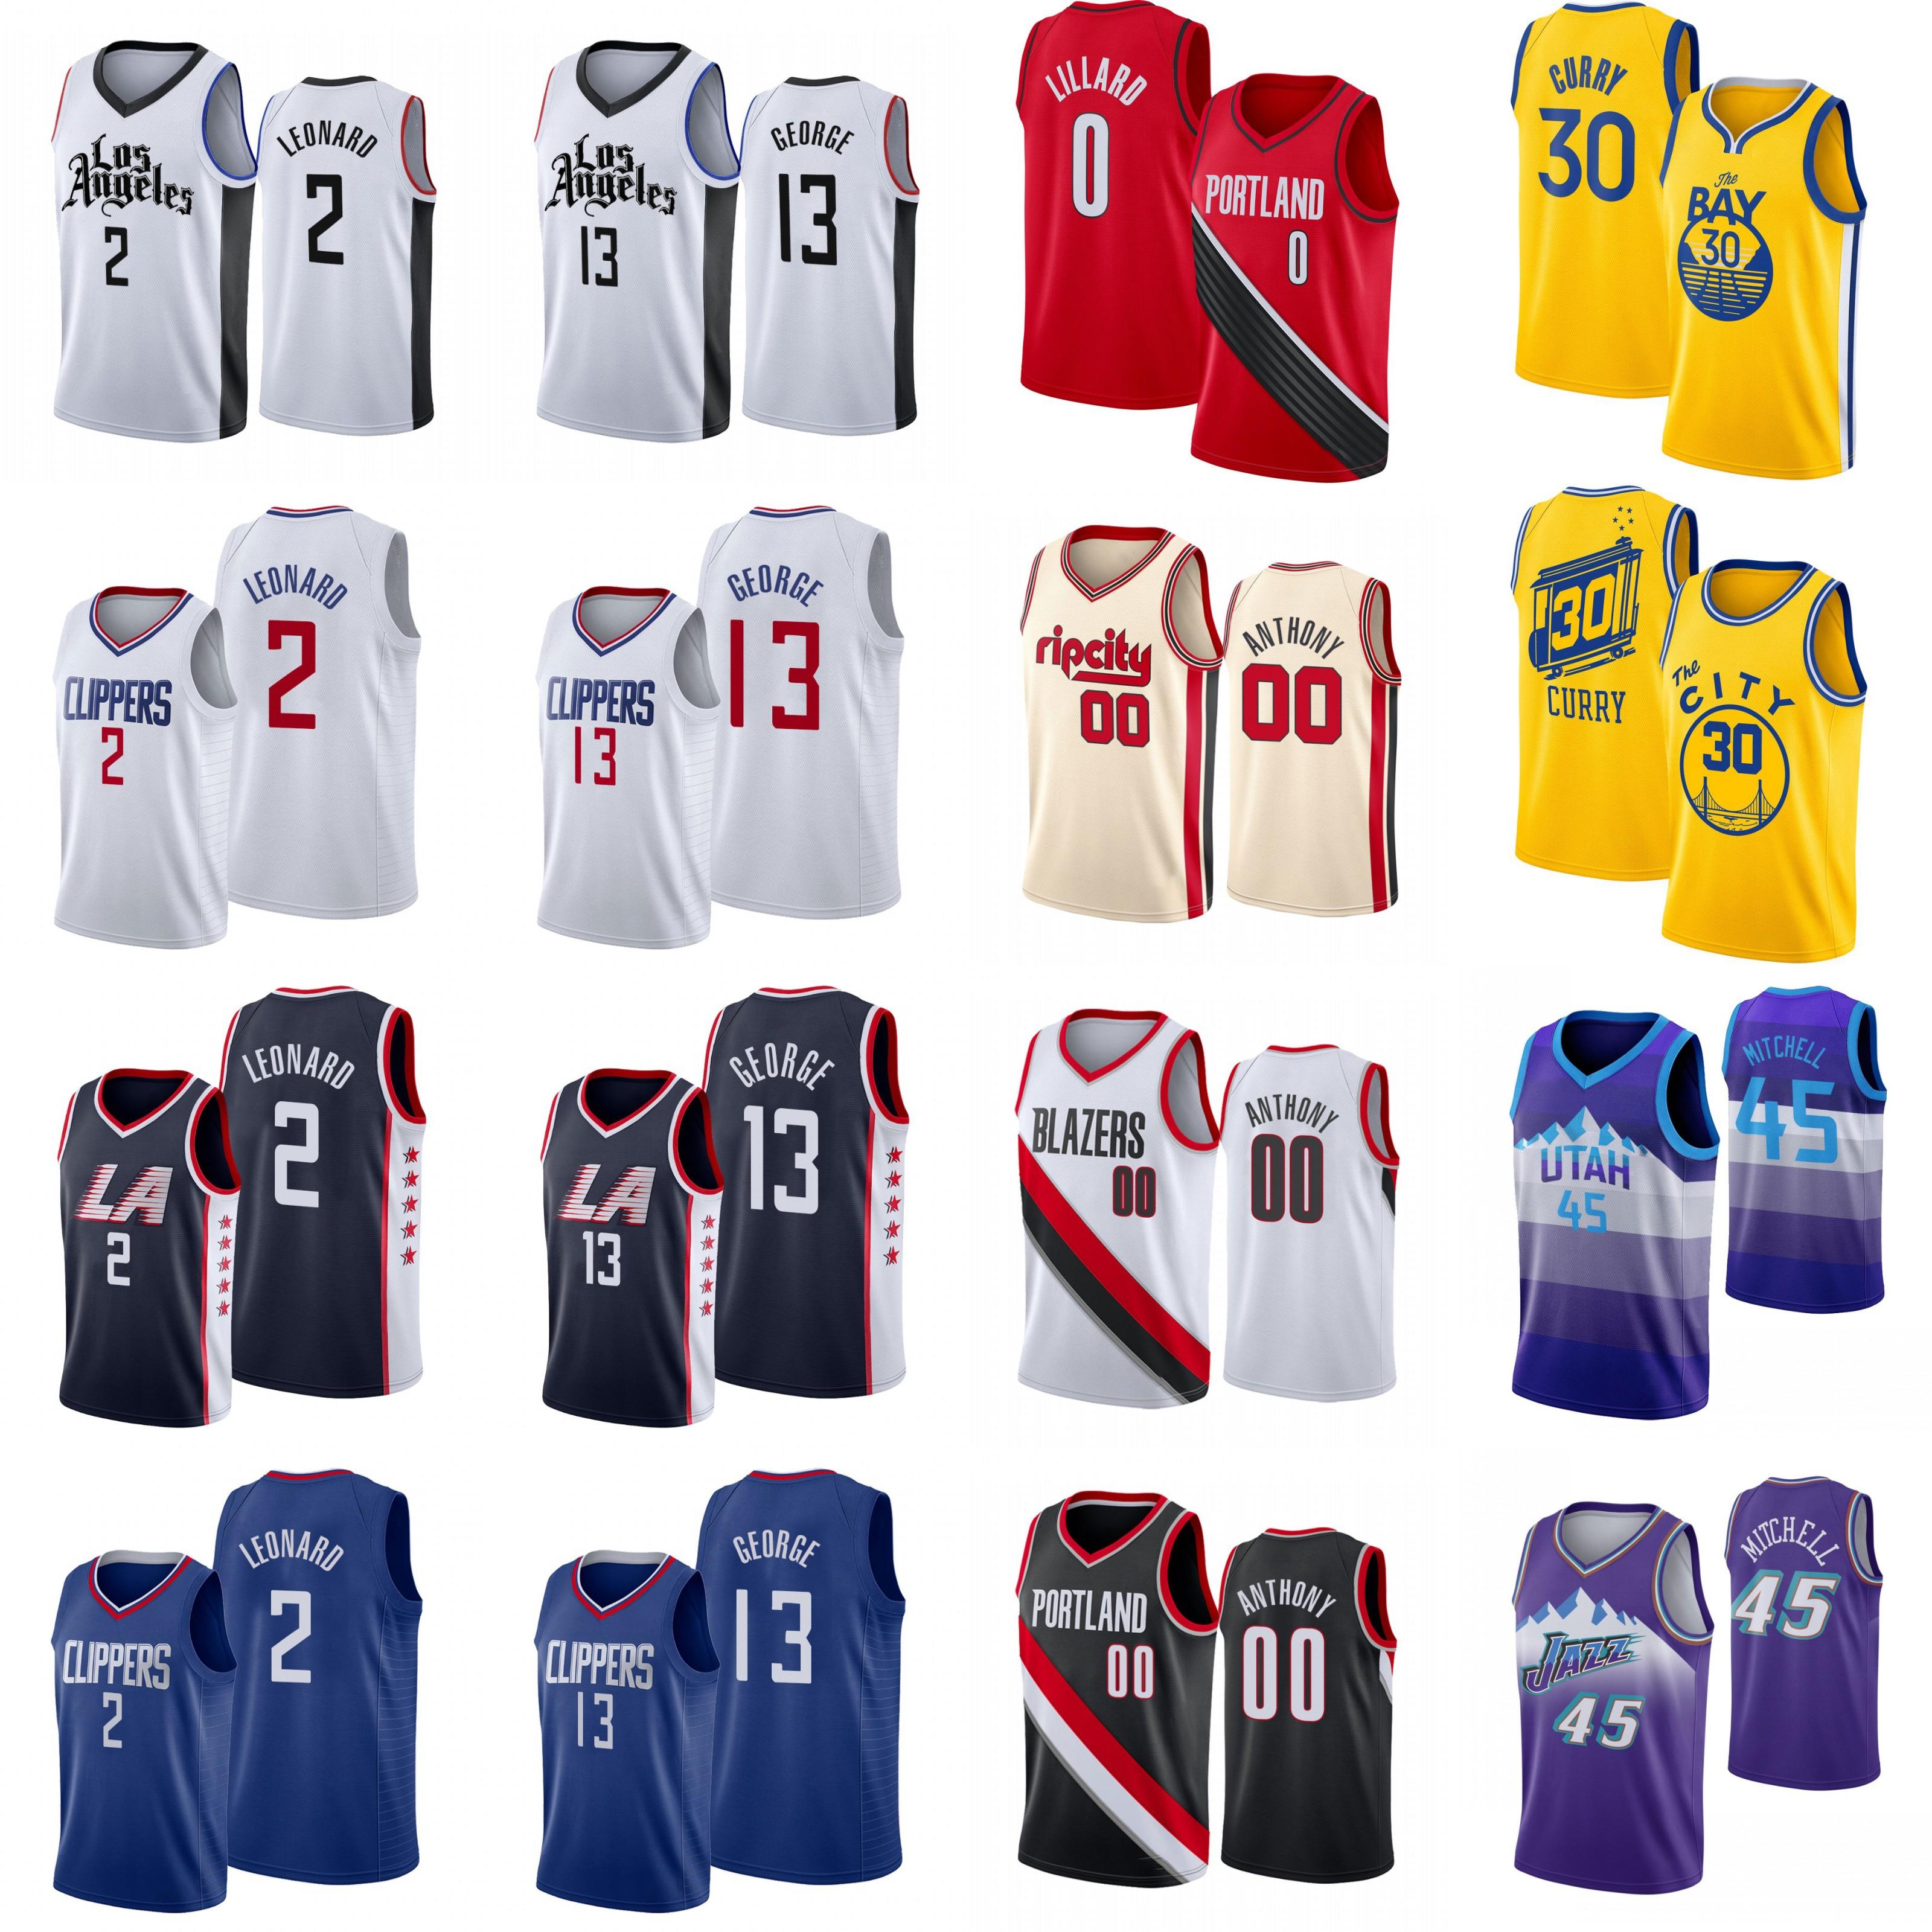 Camisetas de Baloncesto para ni/ño y ni/ña Stephen Curry #30 Camiseta de Baloncesto para ni/ño Chaleco Pantalones Cortos de Verano Camiseta NBA Golden State Warriors